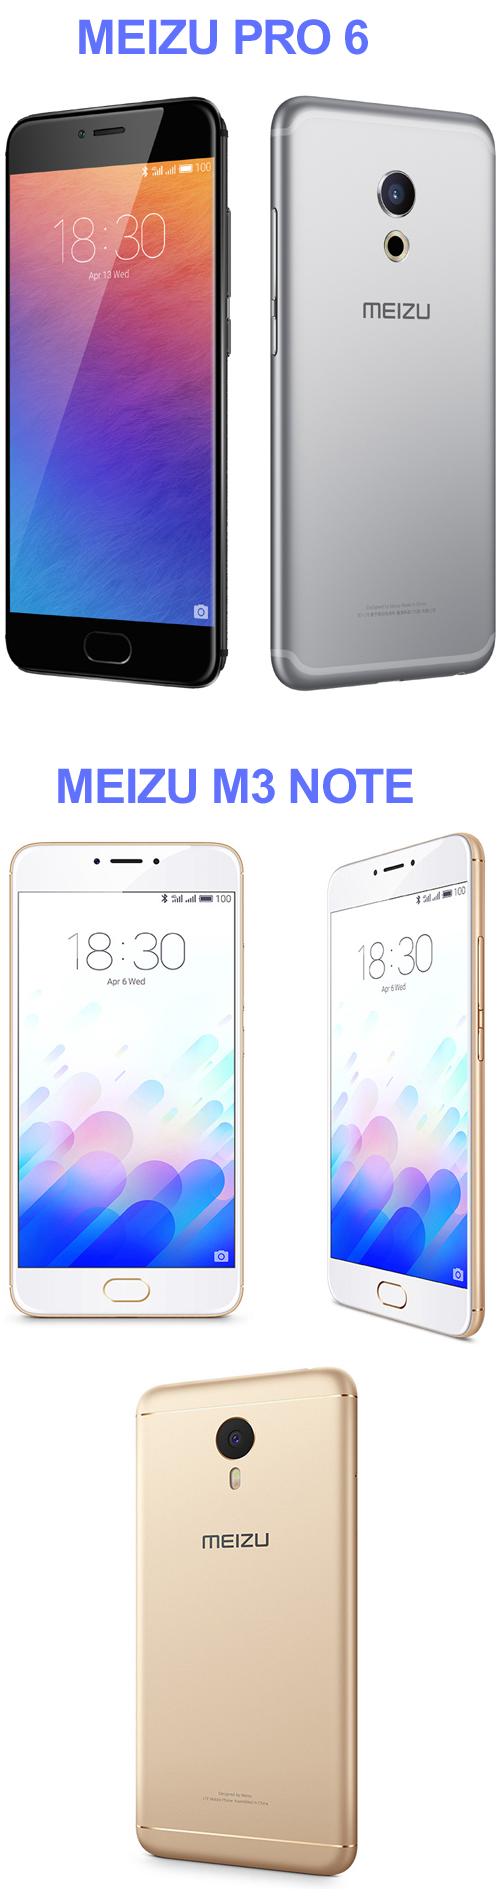 Les Meizu Pro 6 et M3 Note sont disponibles en précommande en France